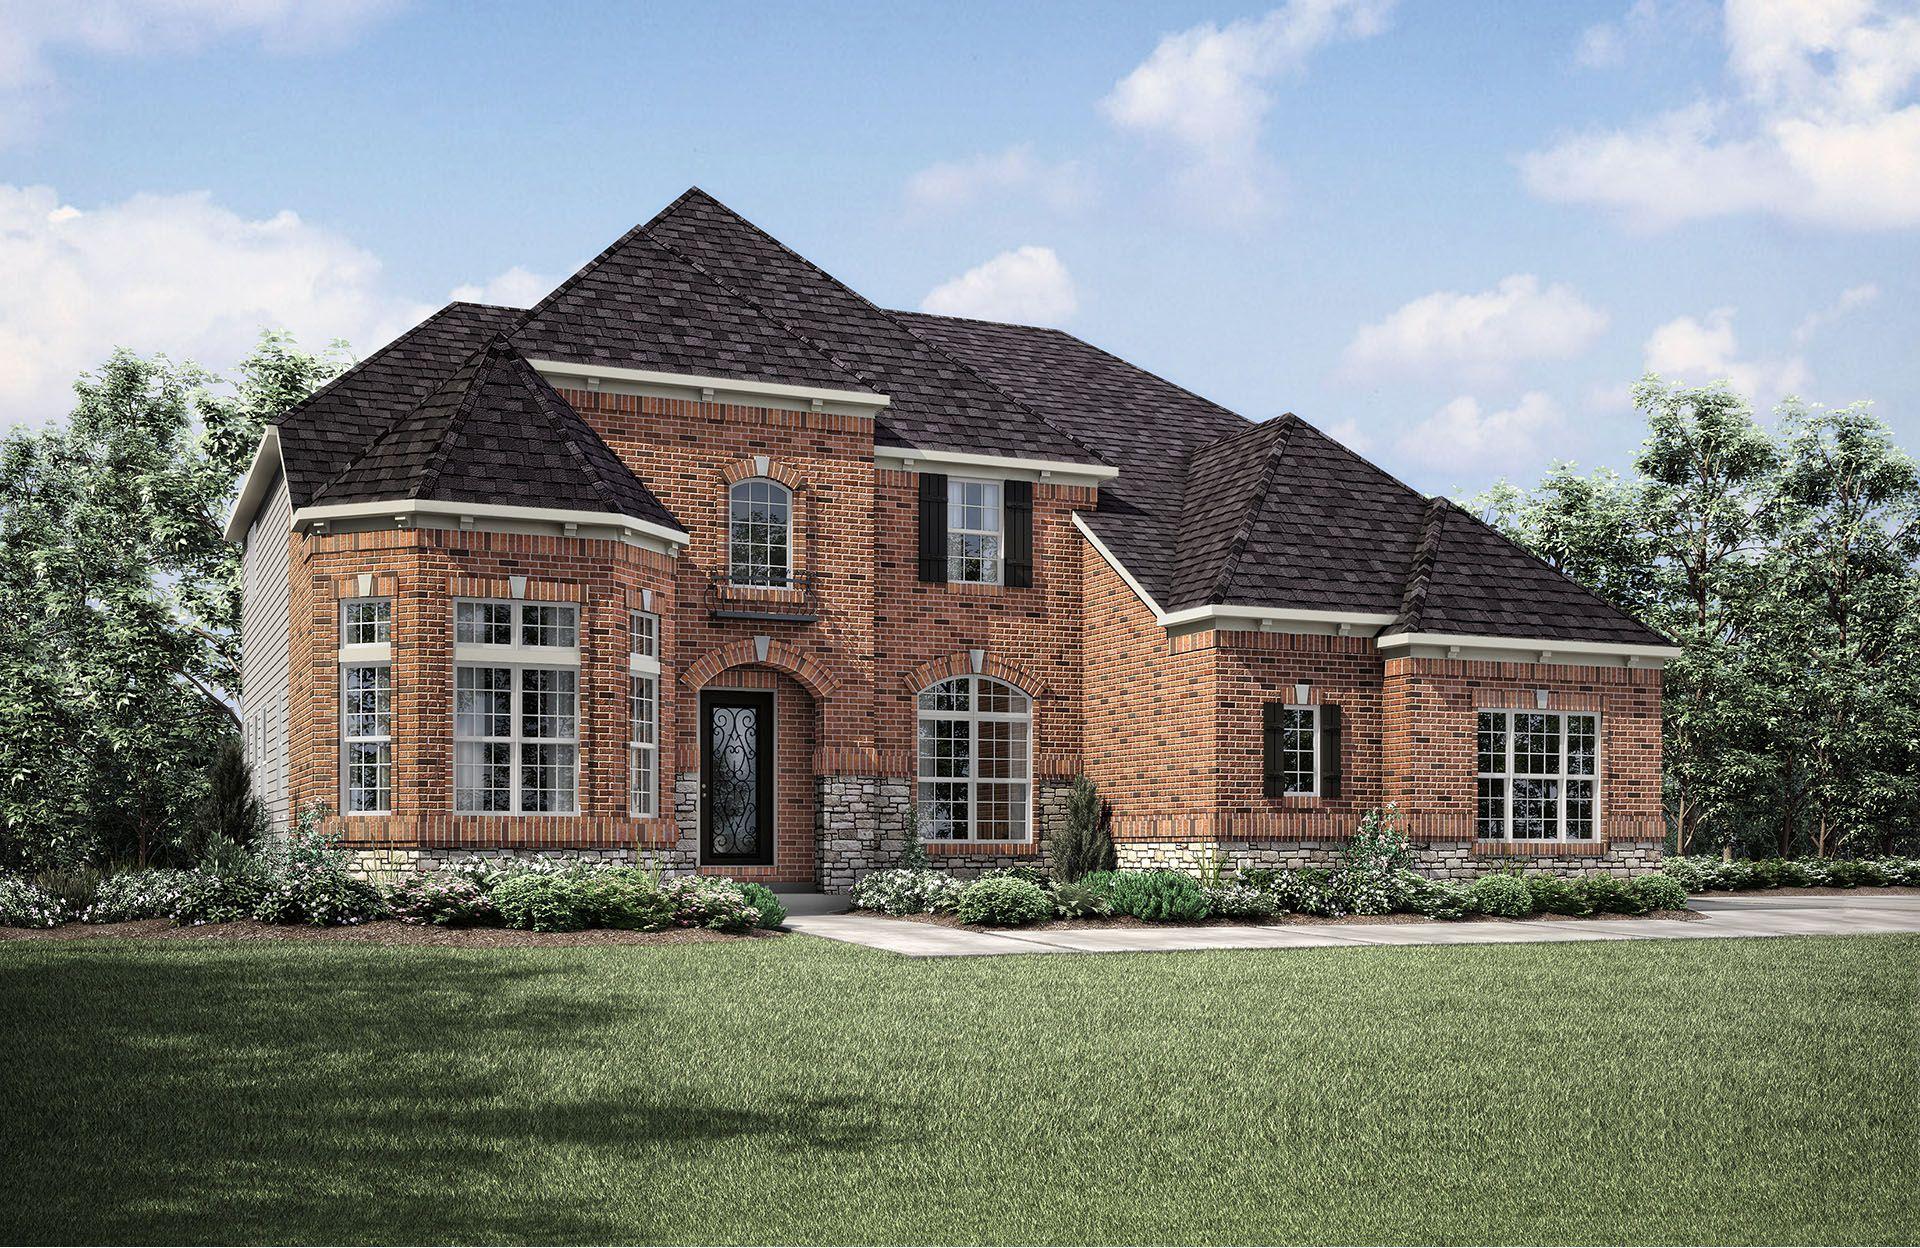 Barett Rd., West Chester, OH Homes & Land - Real Estate